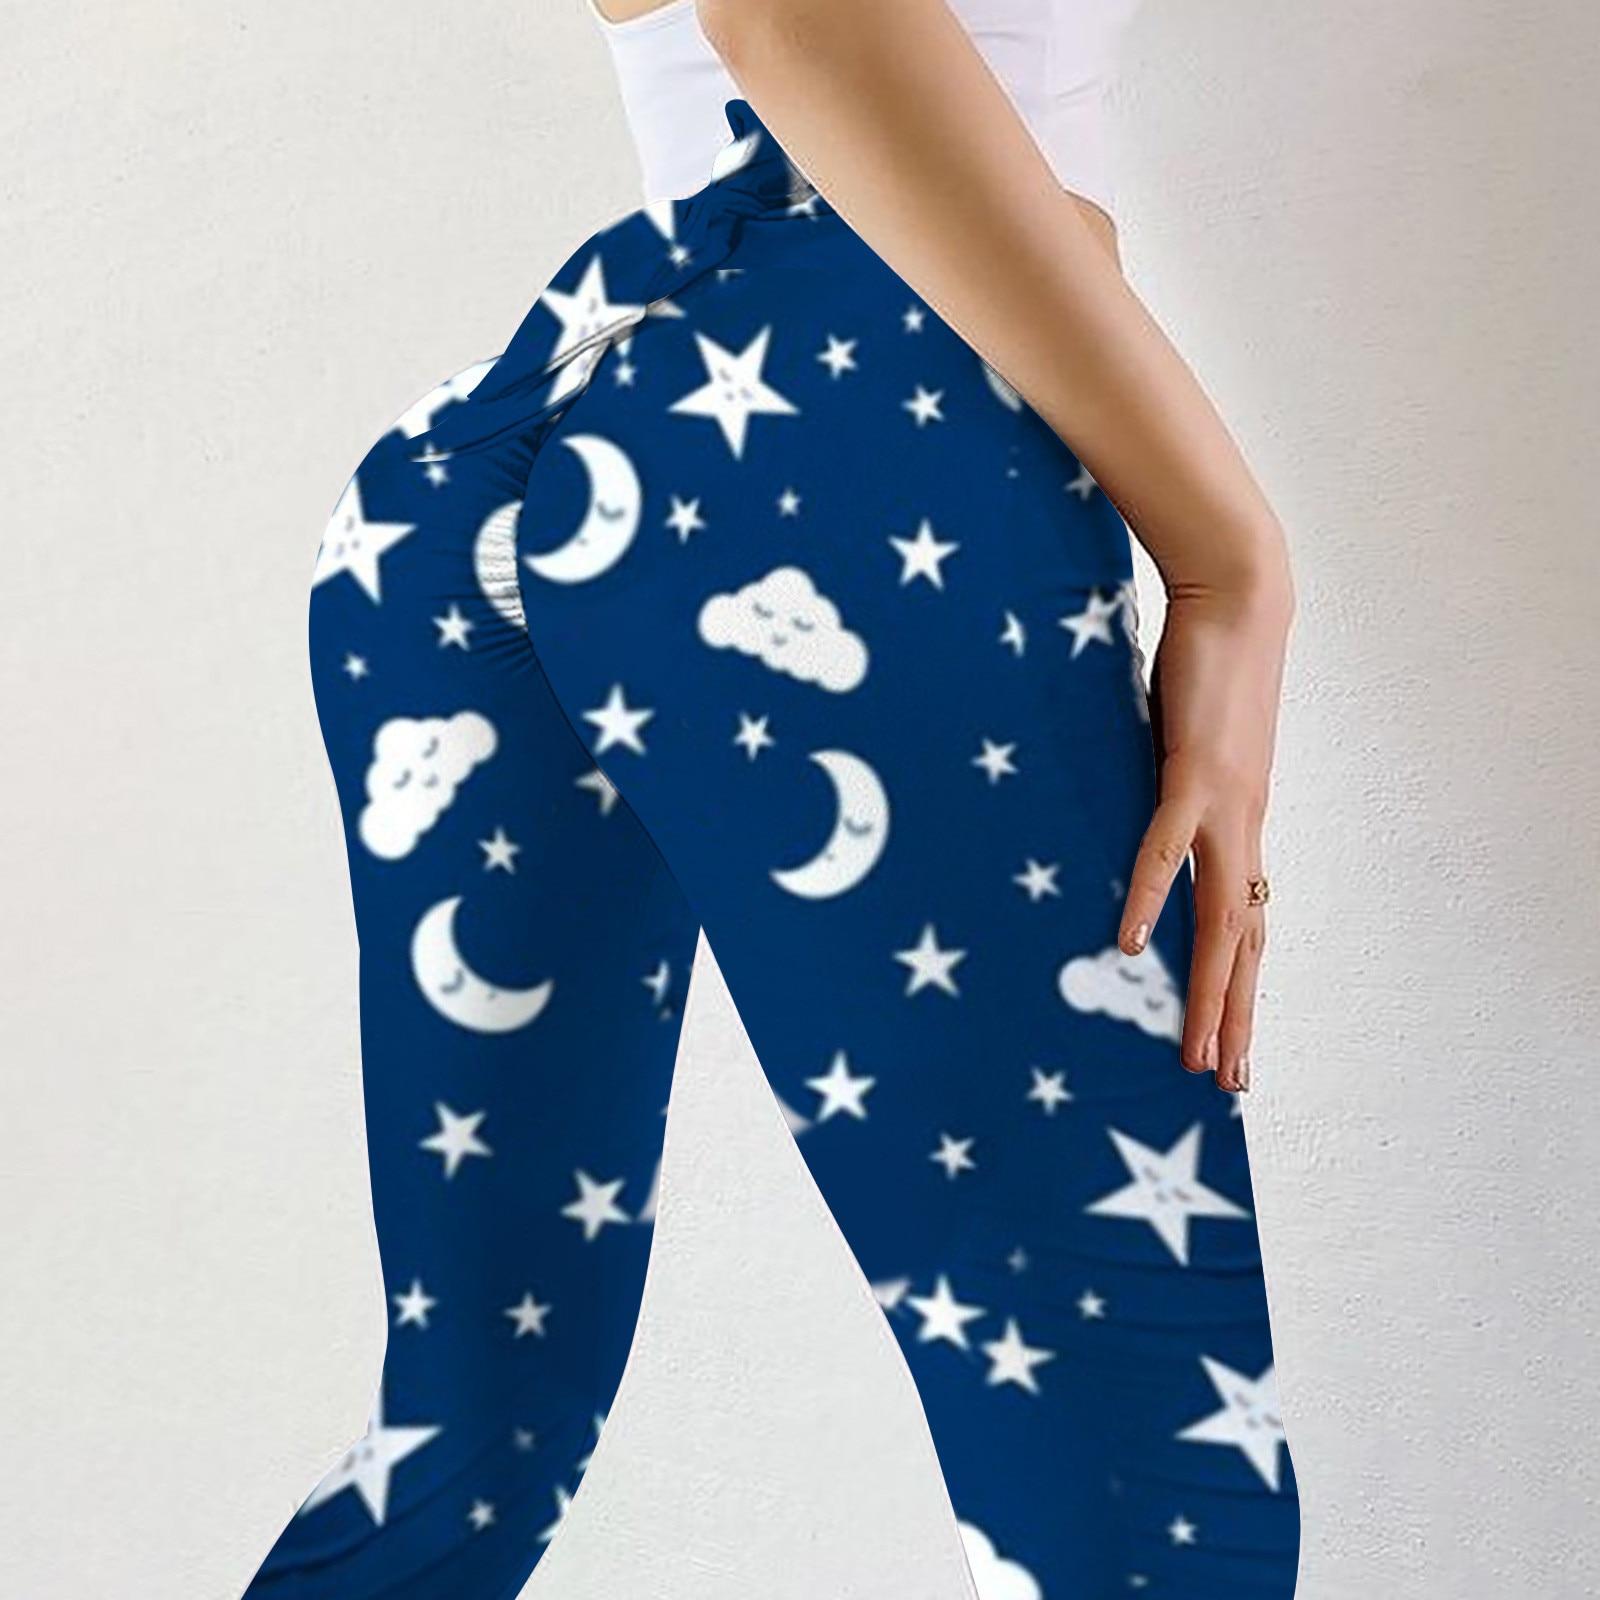 Pantalones de Yoga a la moda para mujer, ropa deportiva de cintura...